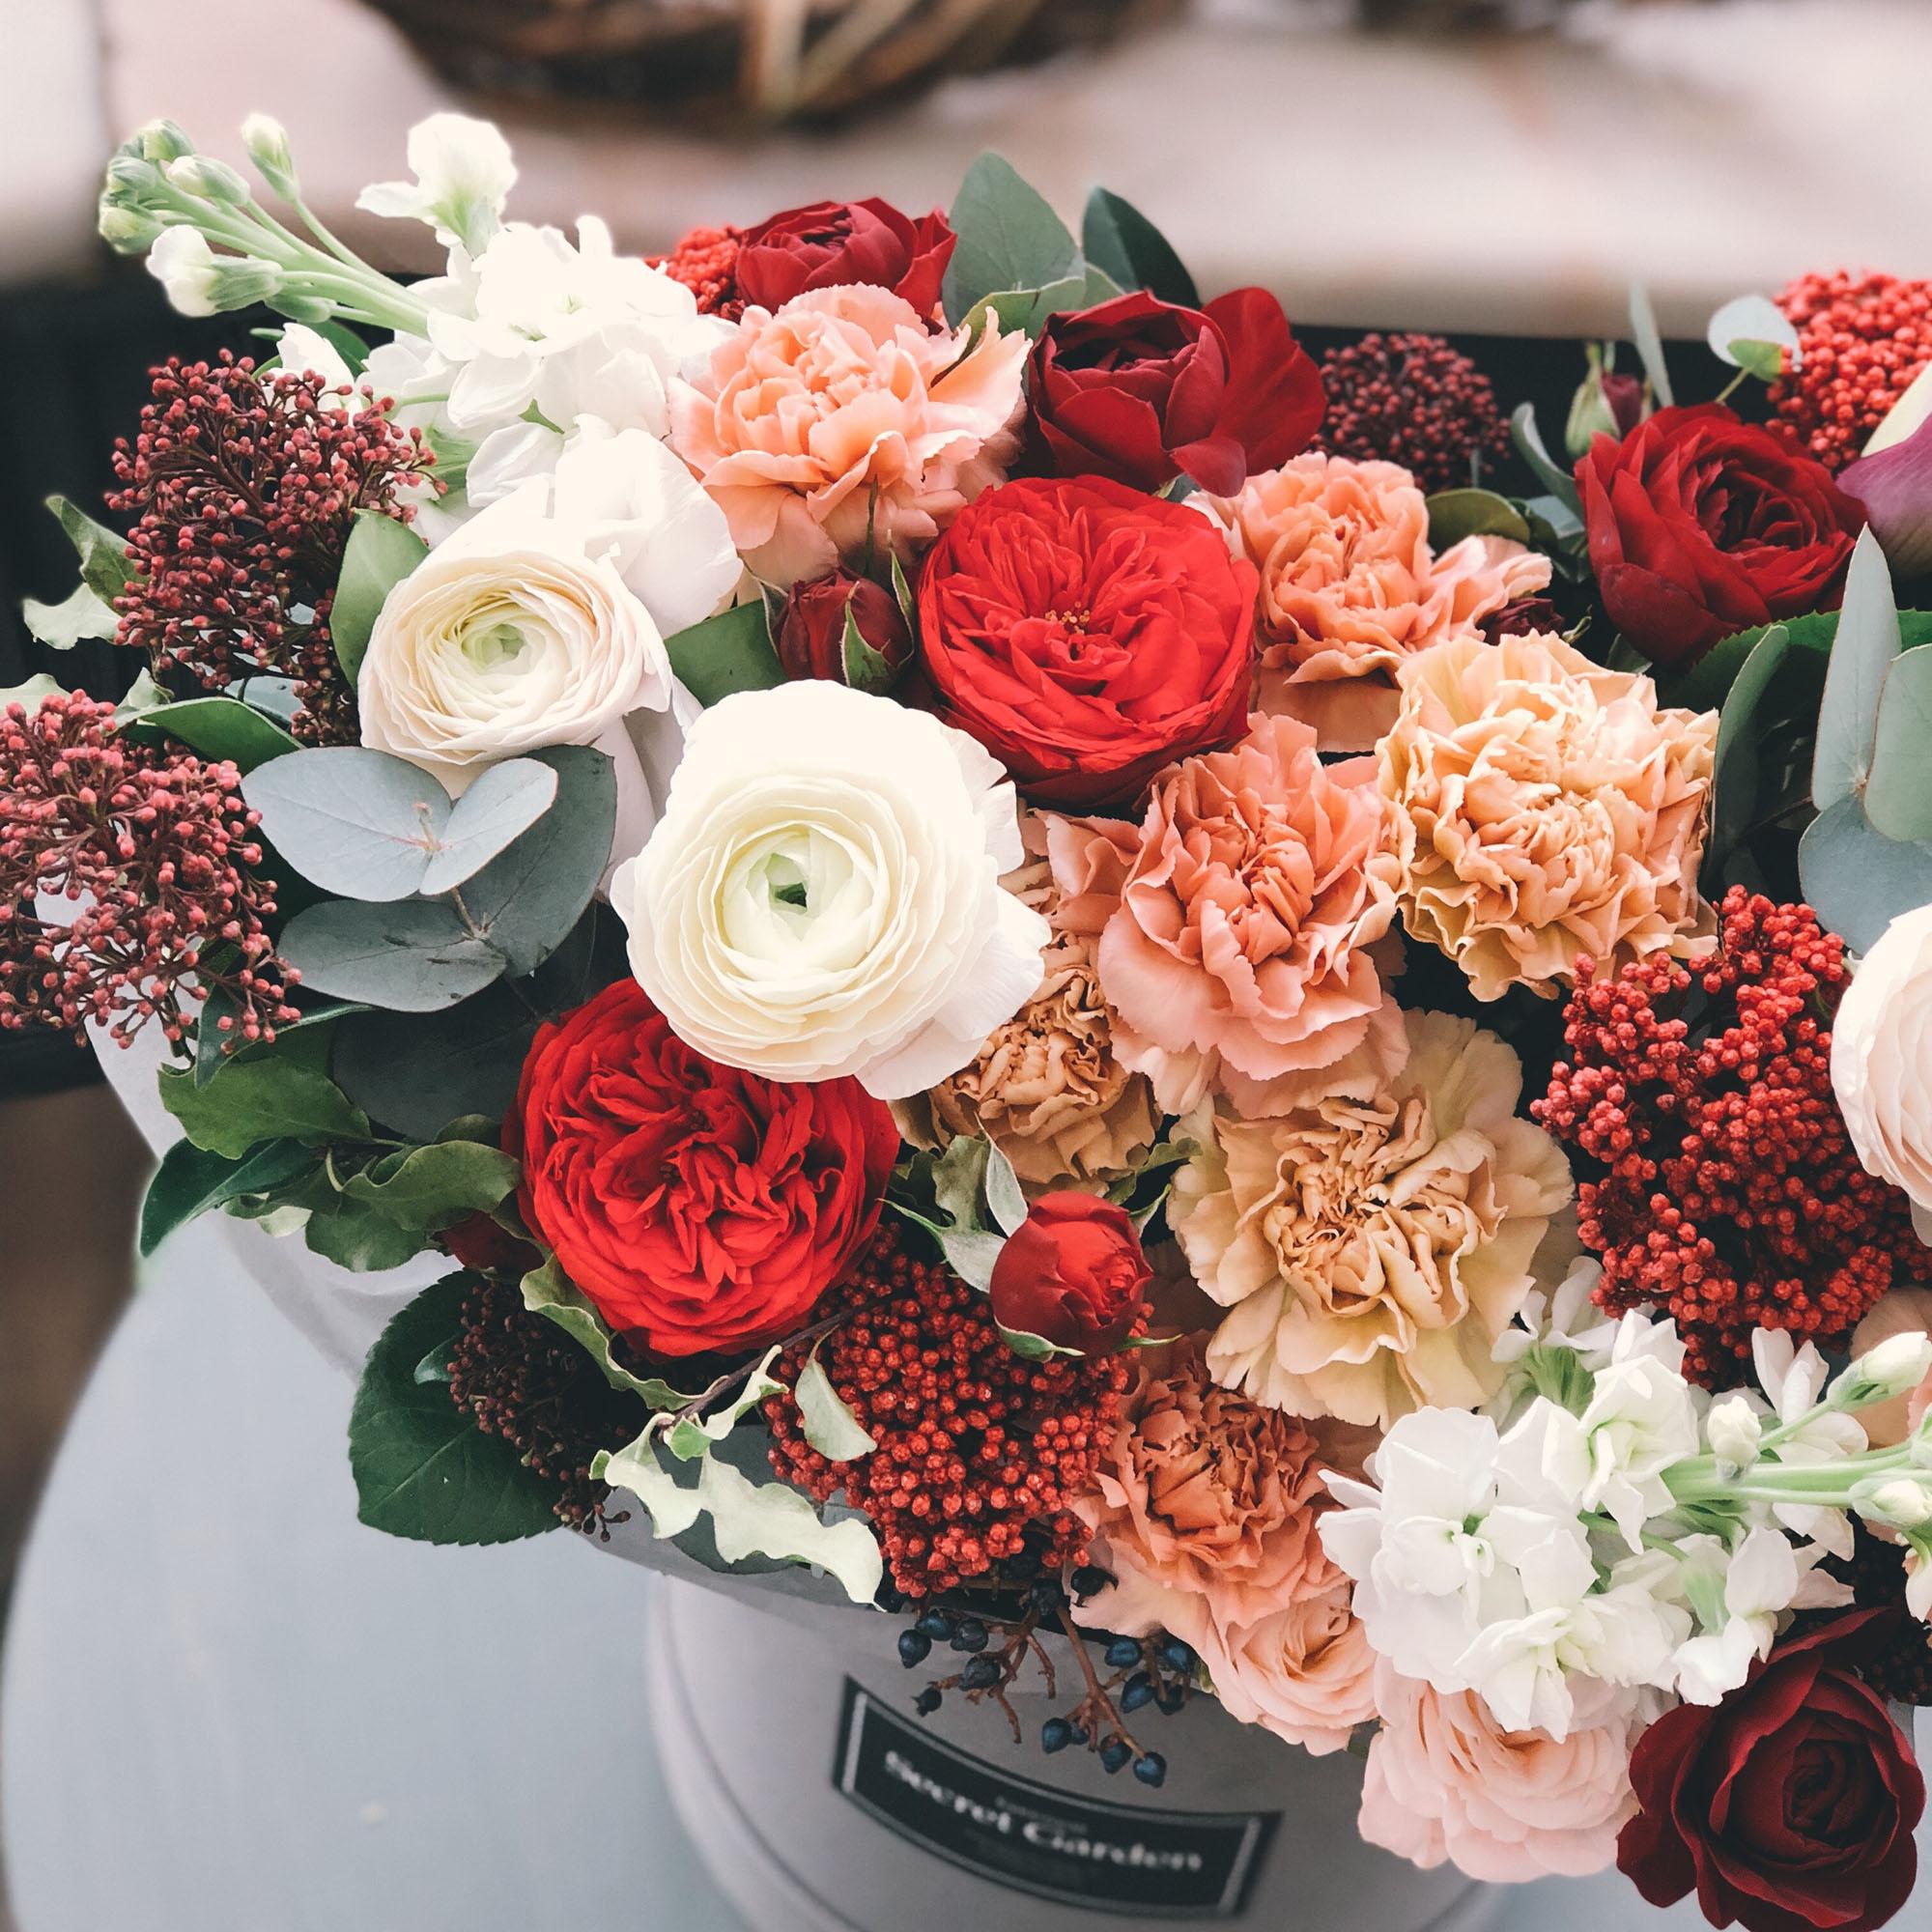 flowers_01.jpg